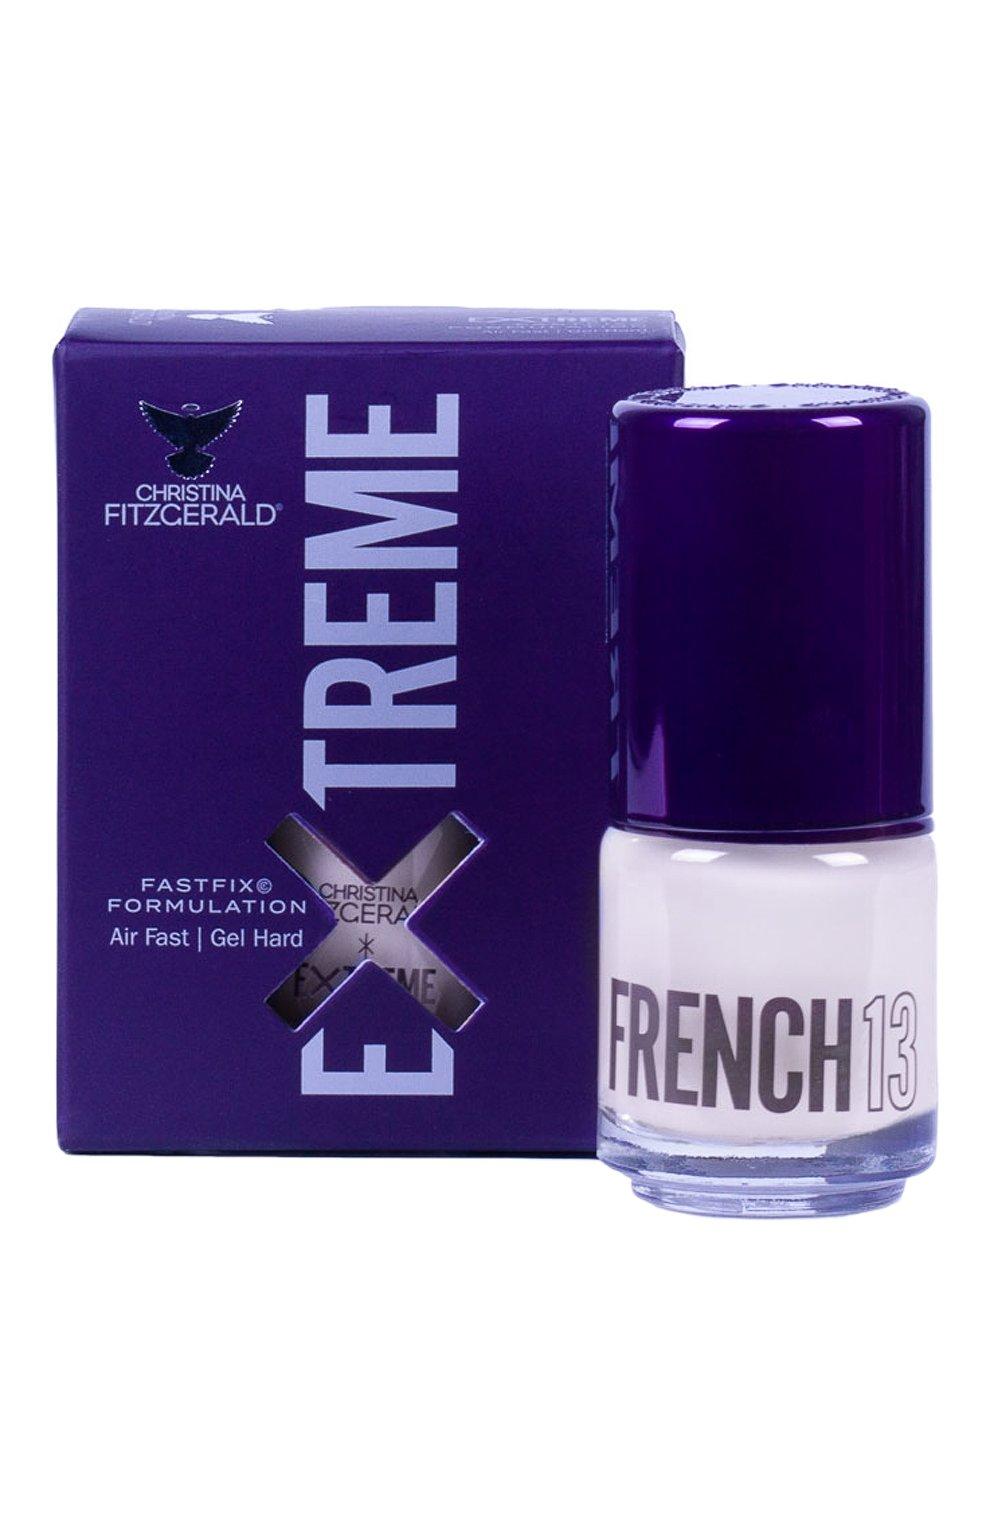 Женский лак для ногтей extreme, оттенок french 13 CHRISTINA FITZGERALD бесцветного цвета, арт. 9333381005021 | Фото 1